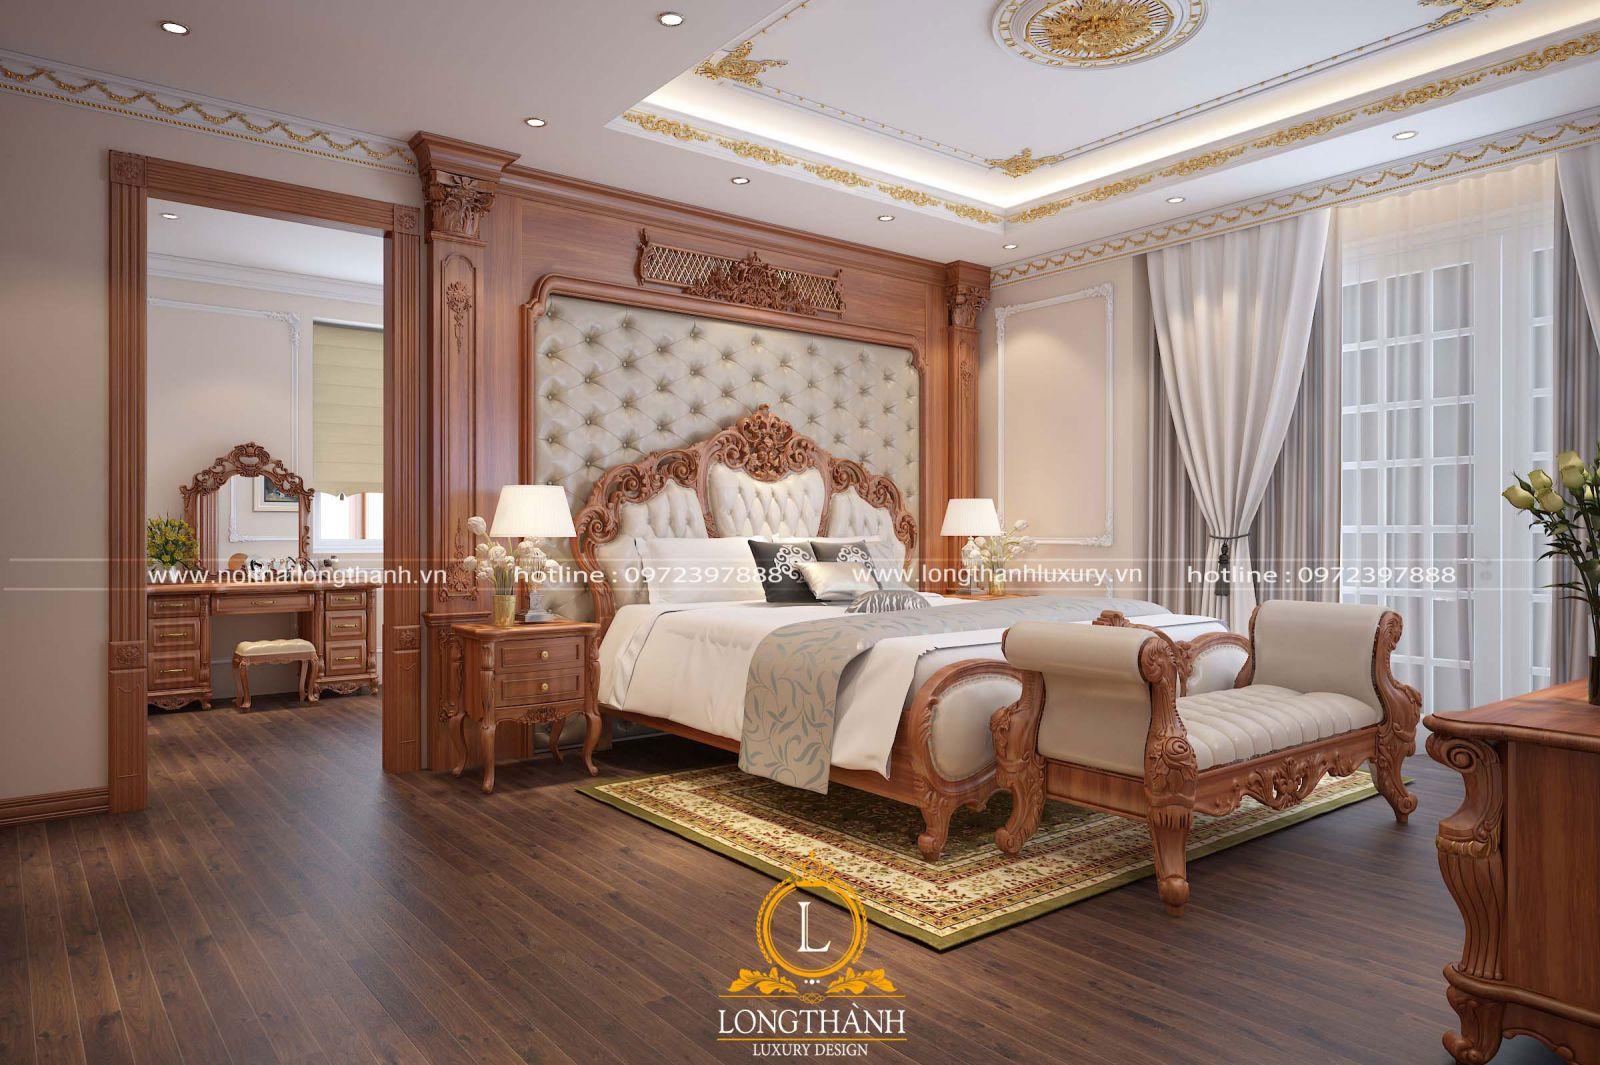 Căn phòng ngủ cao cấp màu vàng